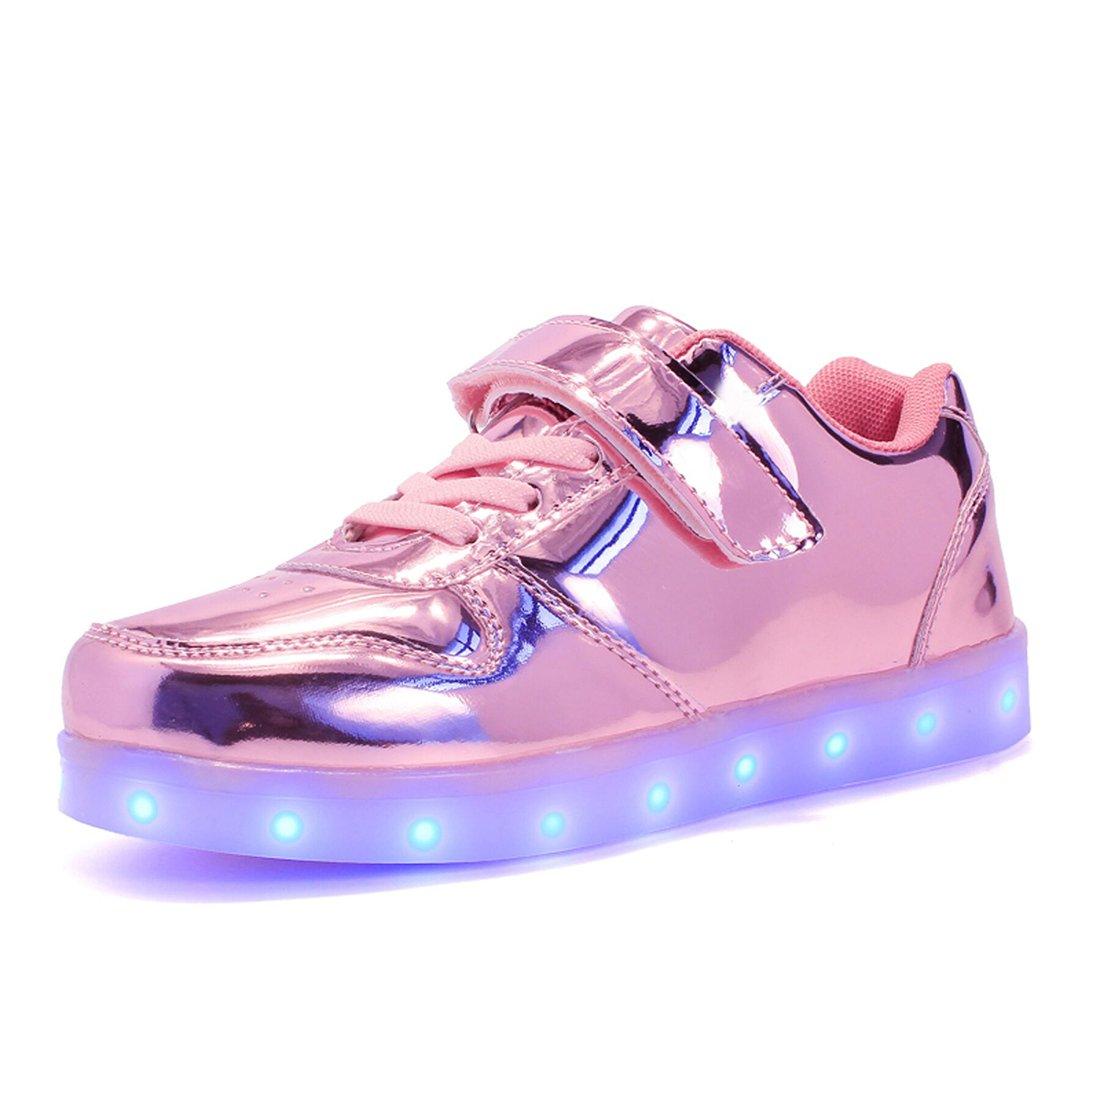 detailed look 3c601 1230a Kuuland Kinder LED Leuchtende Bunte Sneaker Low Top ...